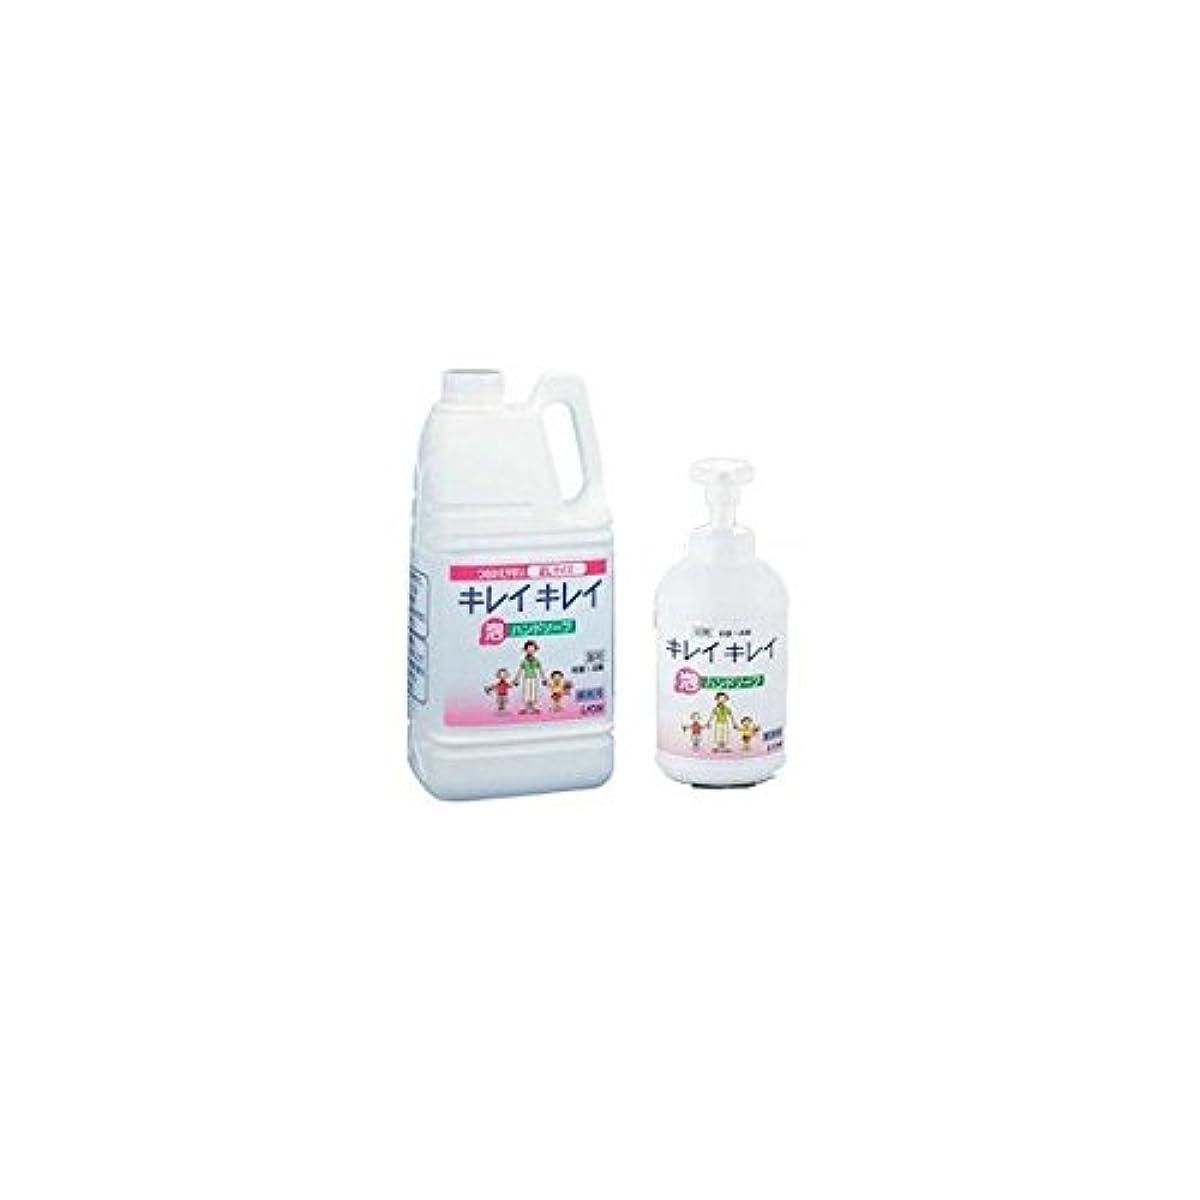 幾分耐えられる確認してくださいライオン キレイキレイ薬用泡ハンドソープ 2L(700ML専用ポンプ付) 【品番】JHV2503